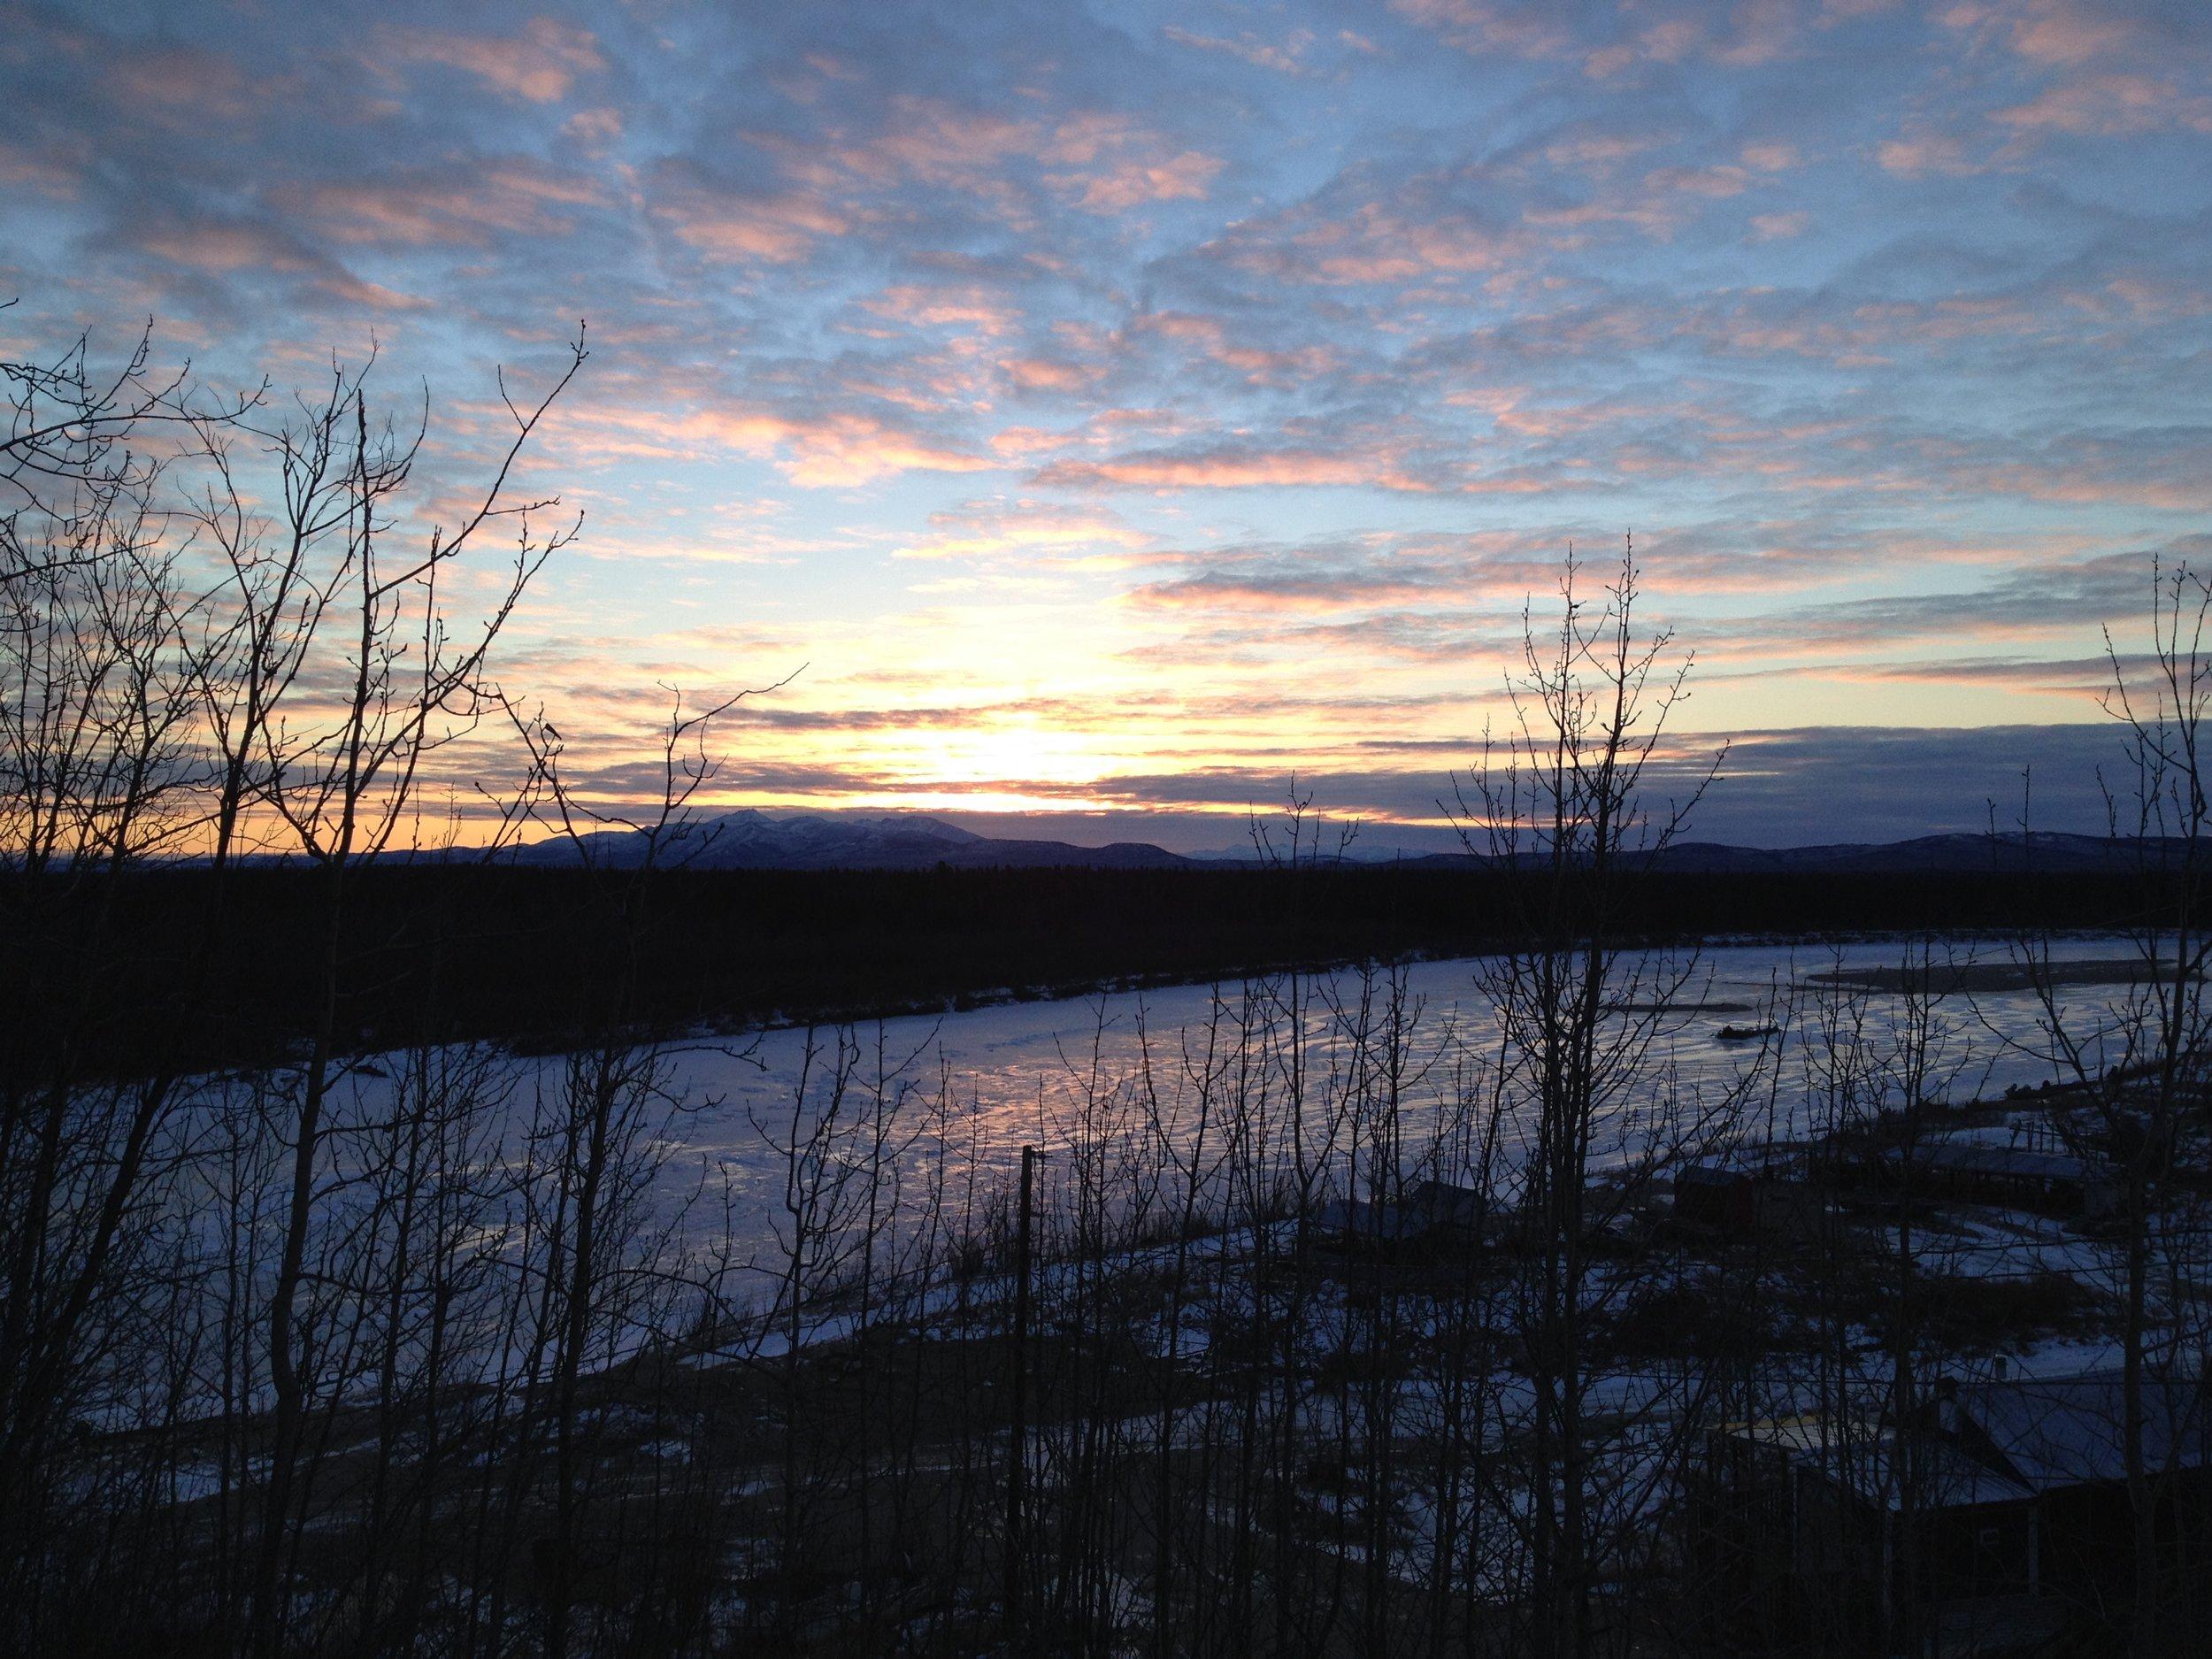 Shungank, AK (66° 53′ N) on November morning